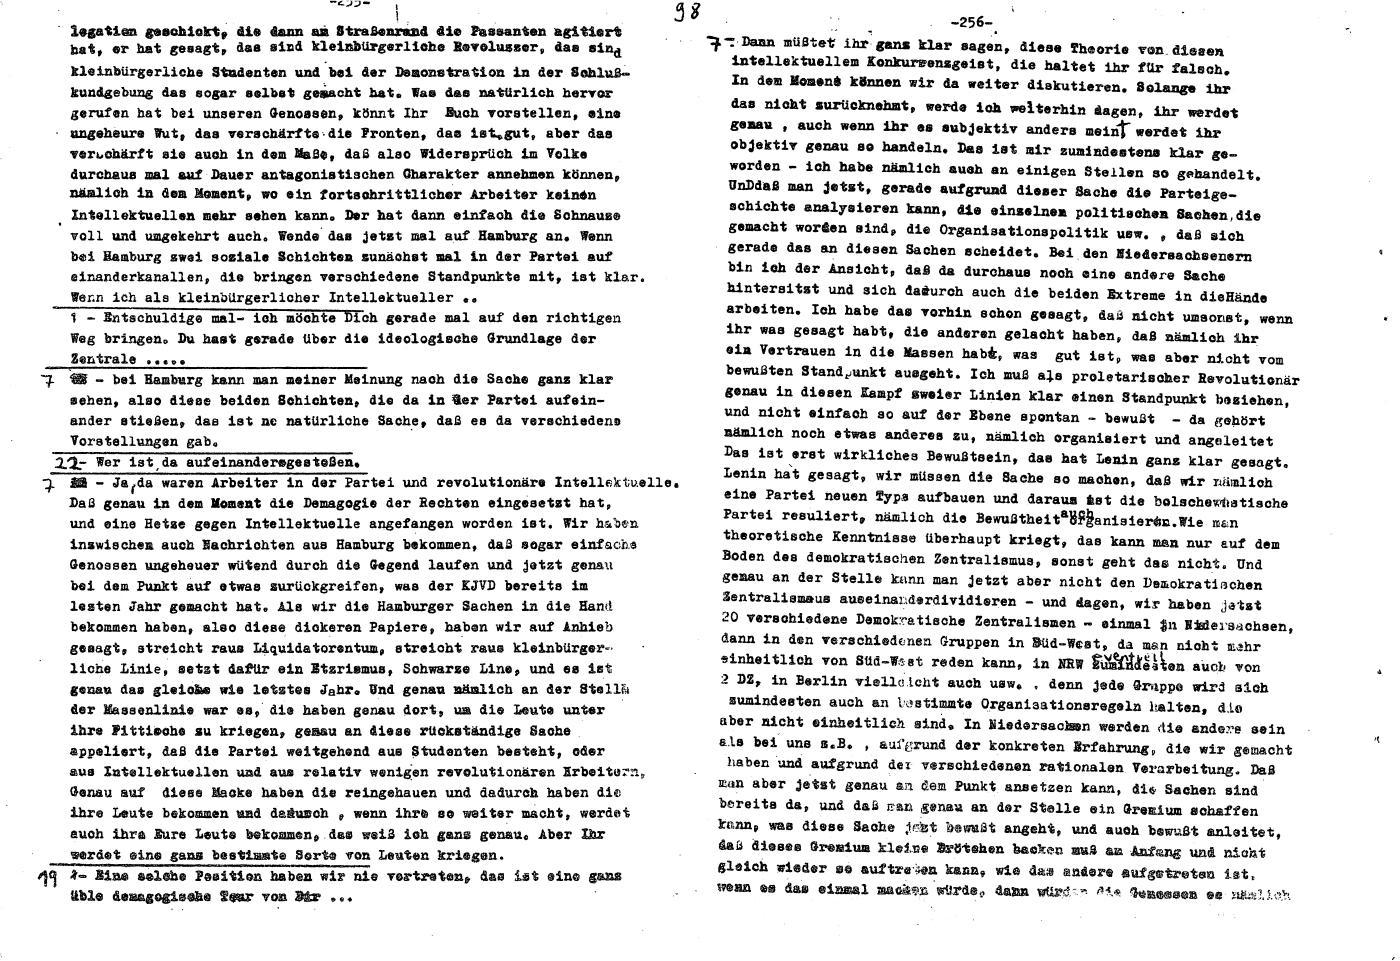 KPDML_1971_Wortprotokolle_aoPt_056